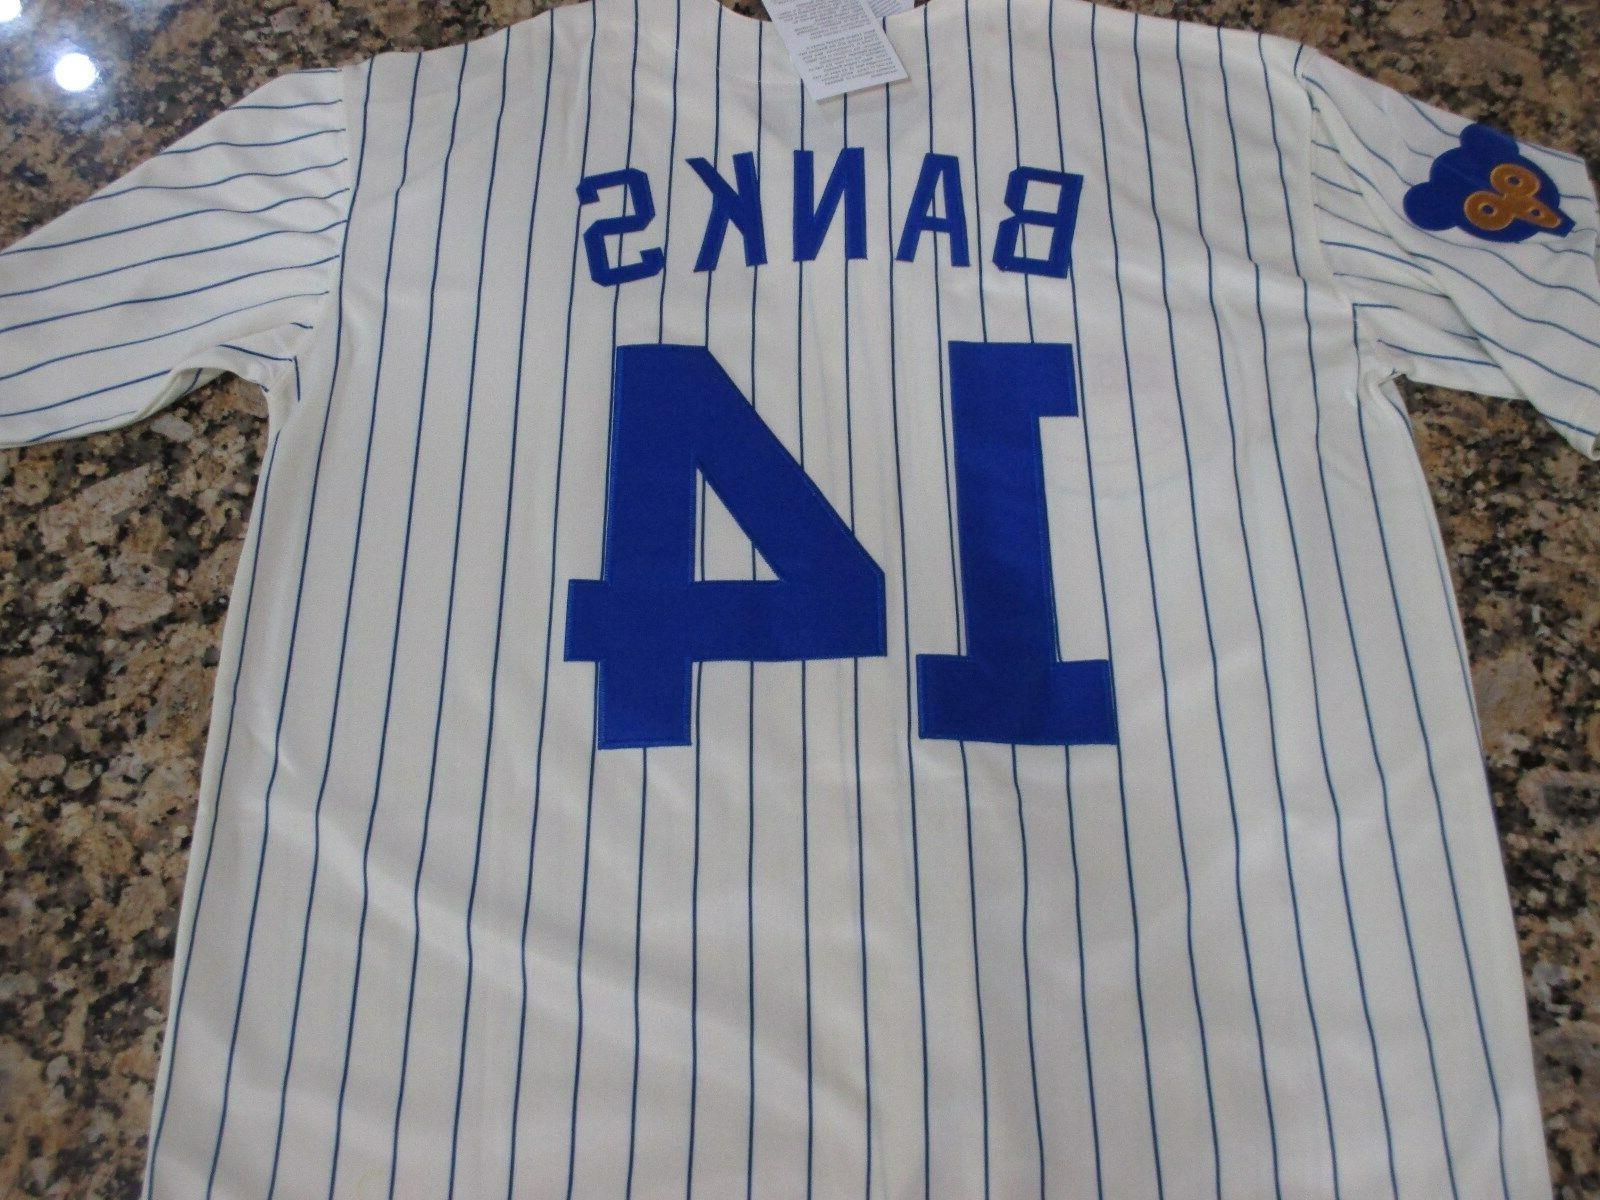 new ernie banks 14 chicago cubs vintage